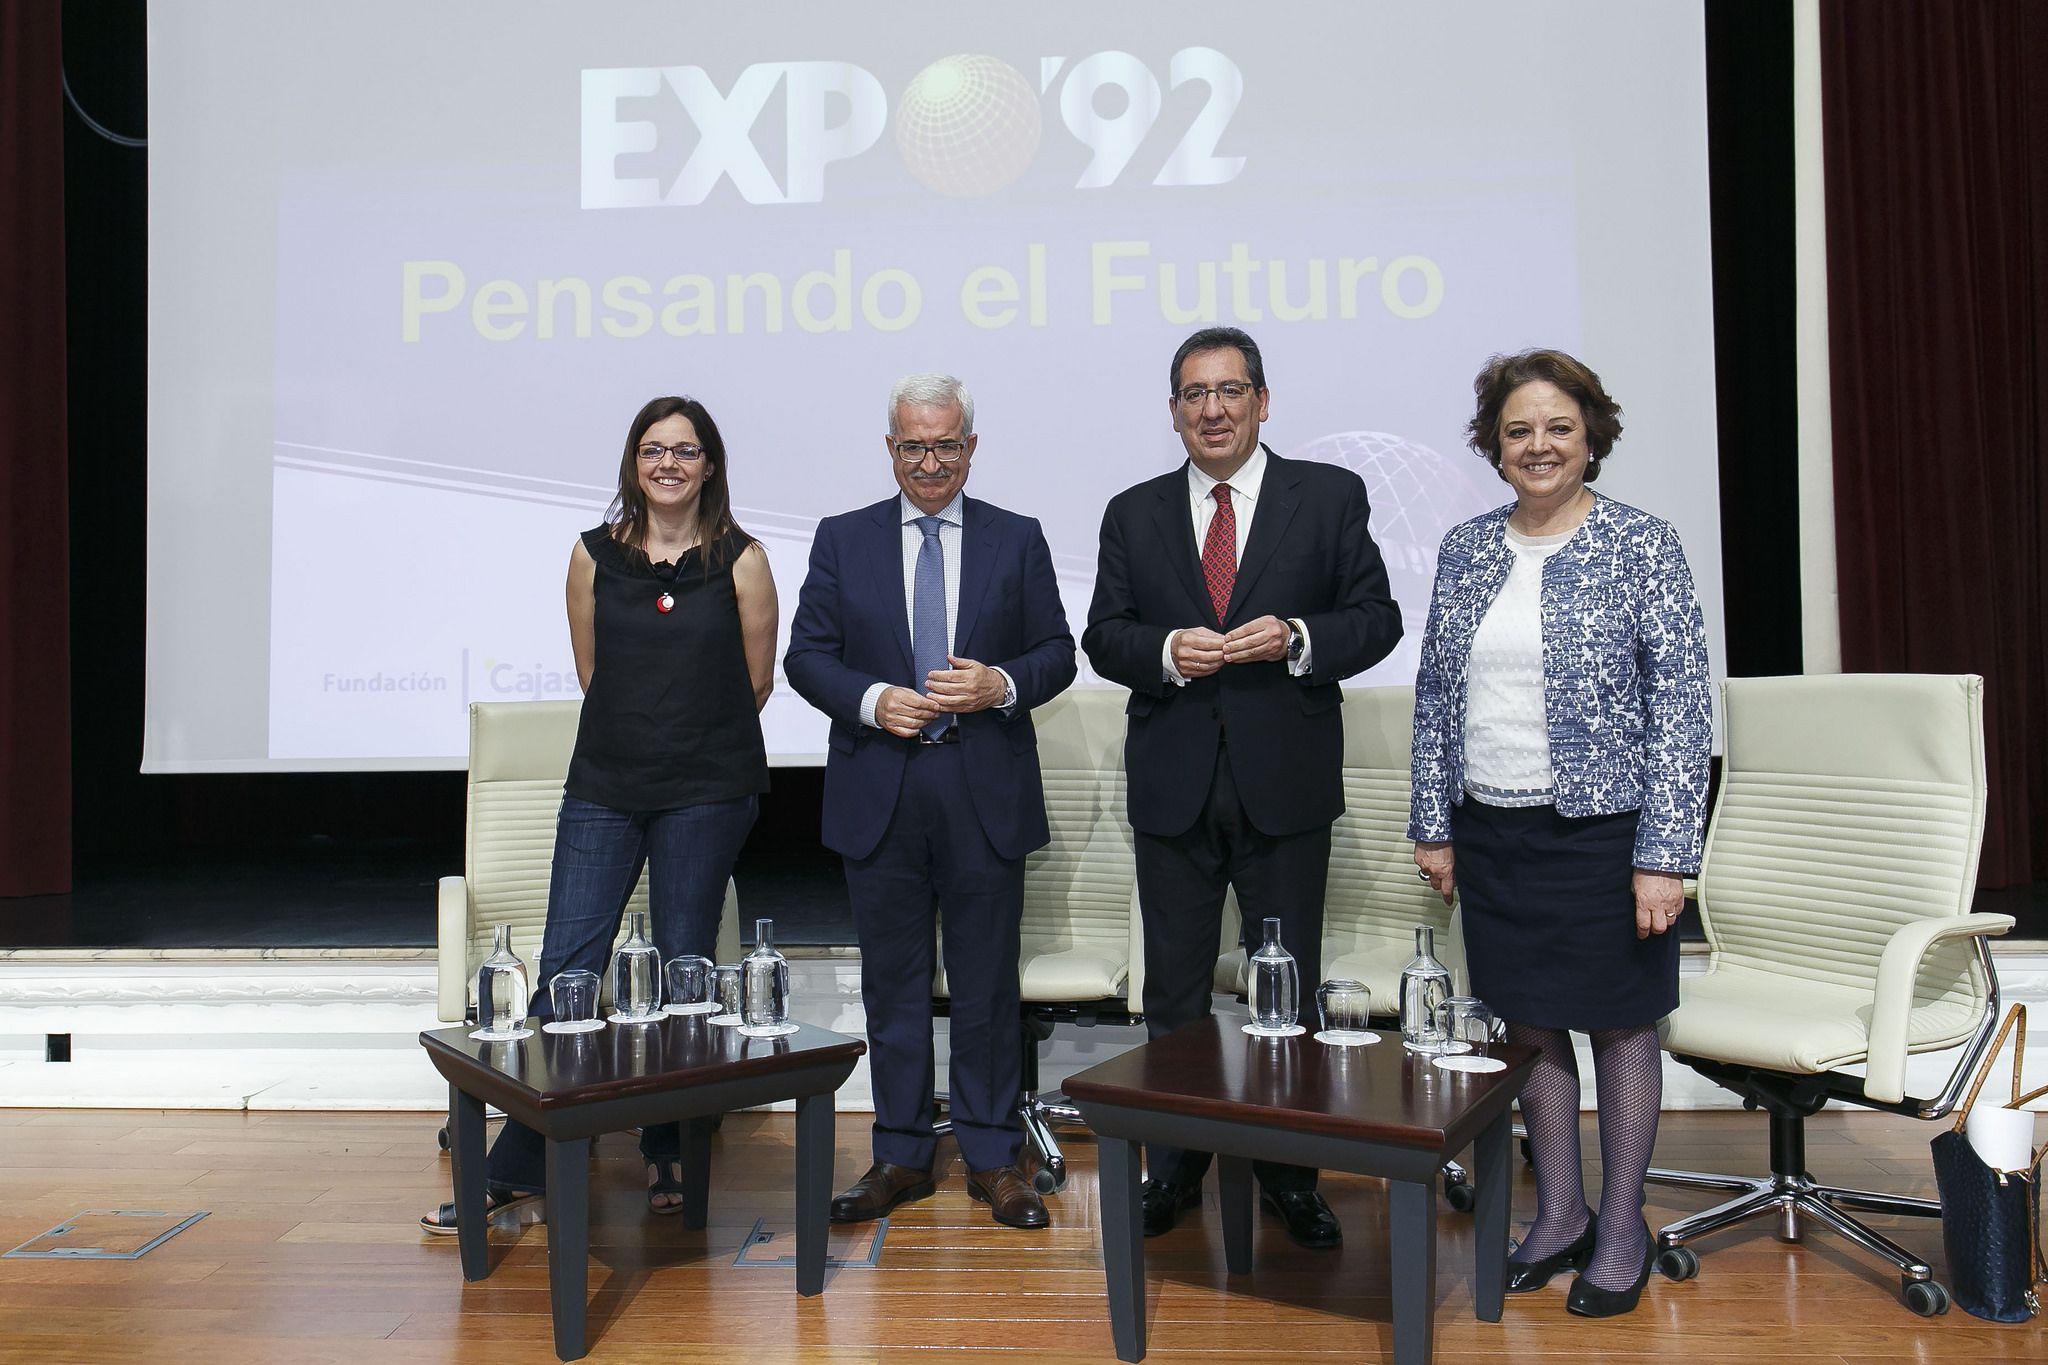 Antonio Pulido en la Jornada Expo 92: Pensando el Futuro de la Fundación Cajasol y Eldiario.es